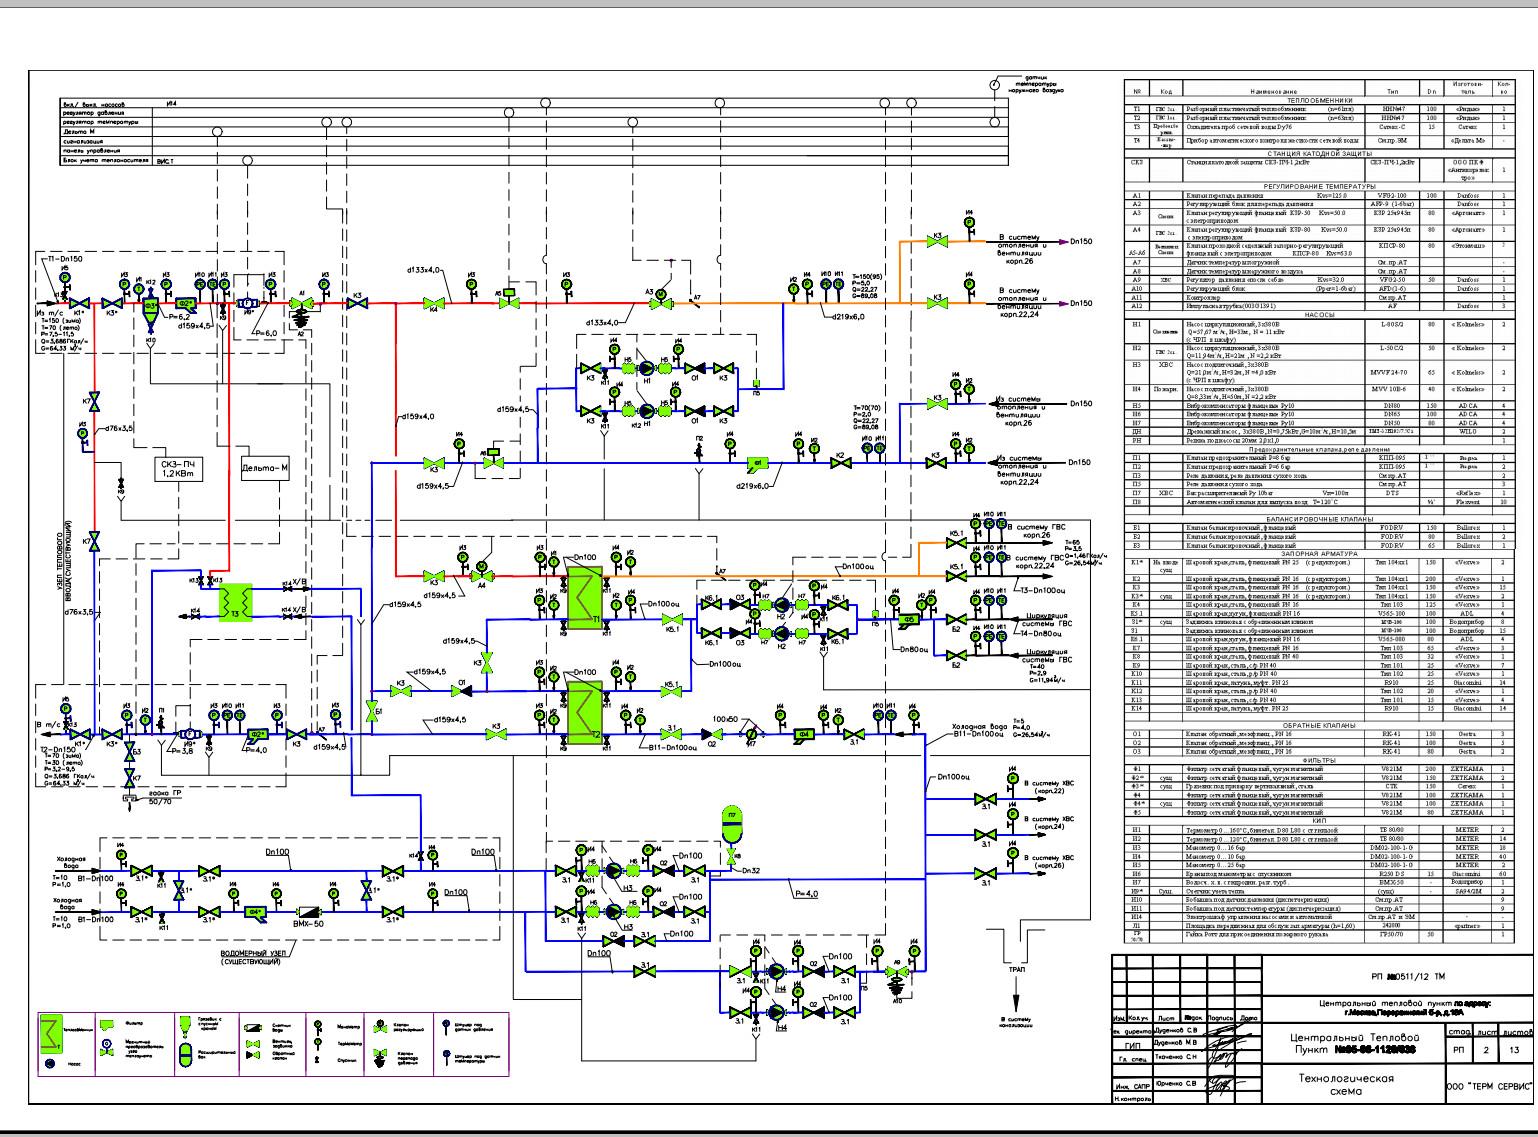 Обозначения кипиа в схемах автоматизации